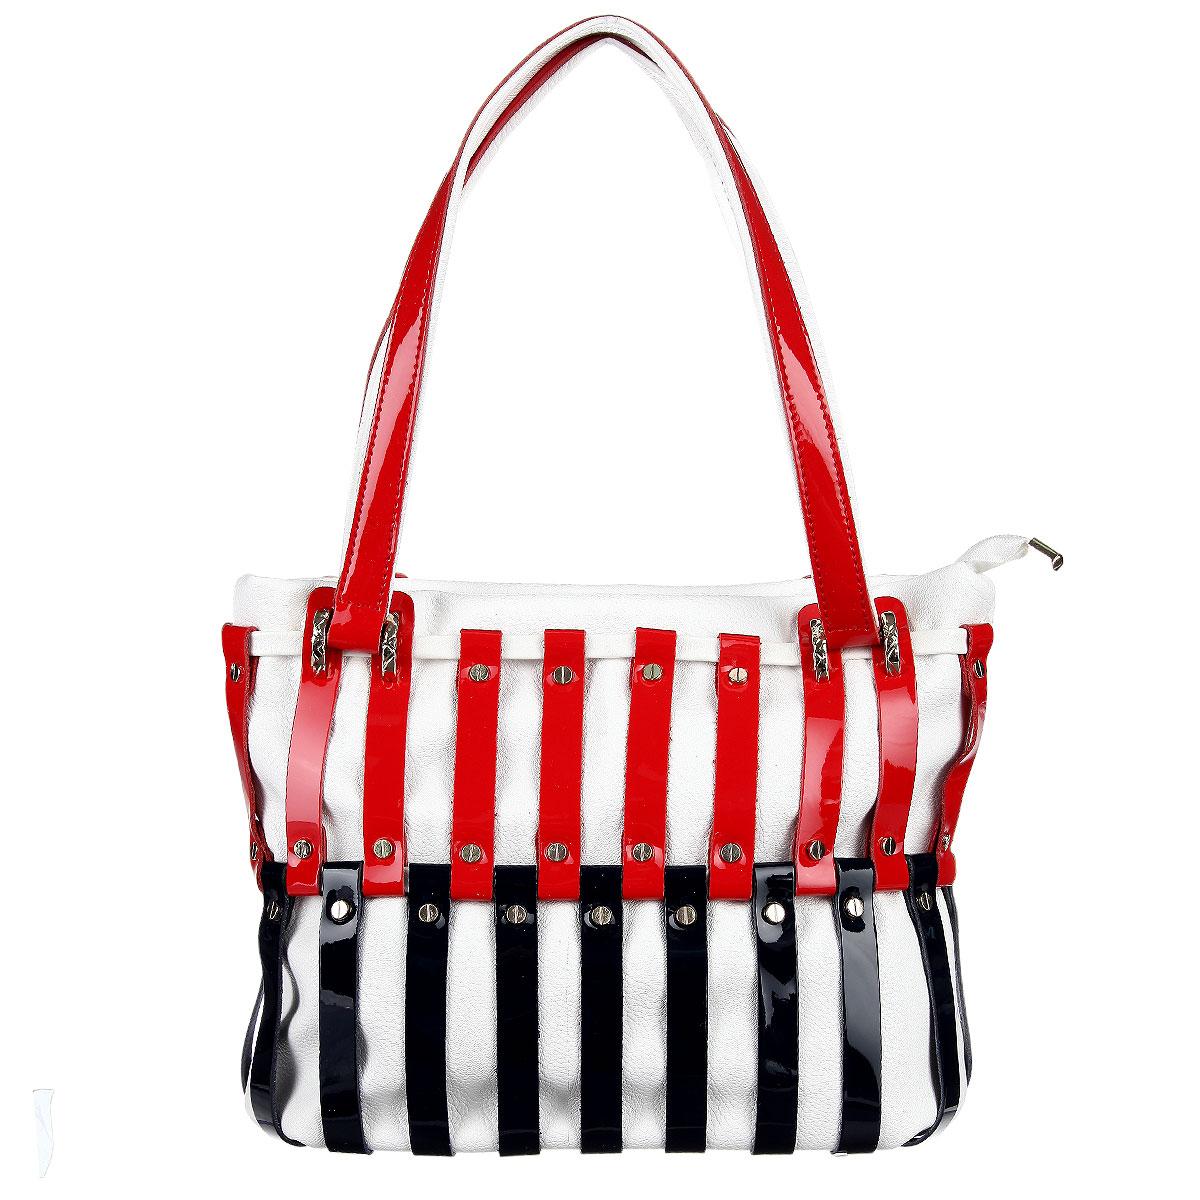 Сумка женская Vitacci, цвет: белый, красный, синий. VE0700VE0700Изысканная женская сумка Vitacci выполнена из высококачественной экокожи в сочетании с натуральной кожей. Сумка закрывается на пластиковую застежку-молнию. Внутри - большое отделение с двумя карманами на застежке-молнии и два накладных кармашка для телефона, мелочей. Роскошная сумка внесет элегантные нотки в ваш образ и подчеркнет ваше отменное чувство стиля.